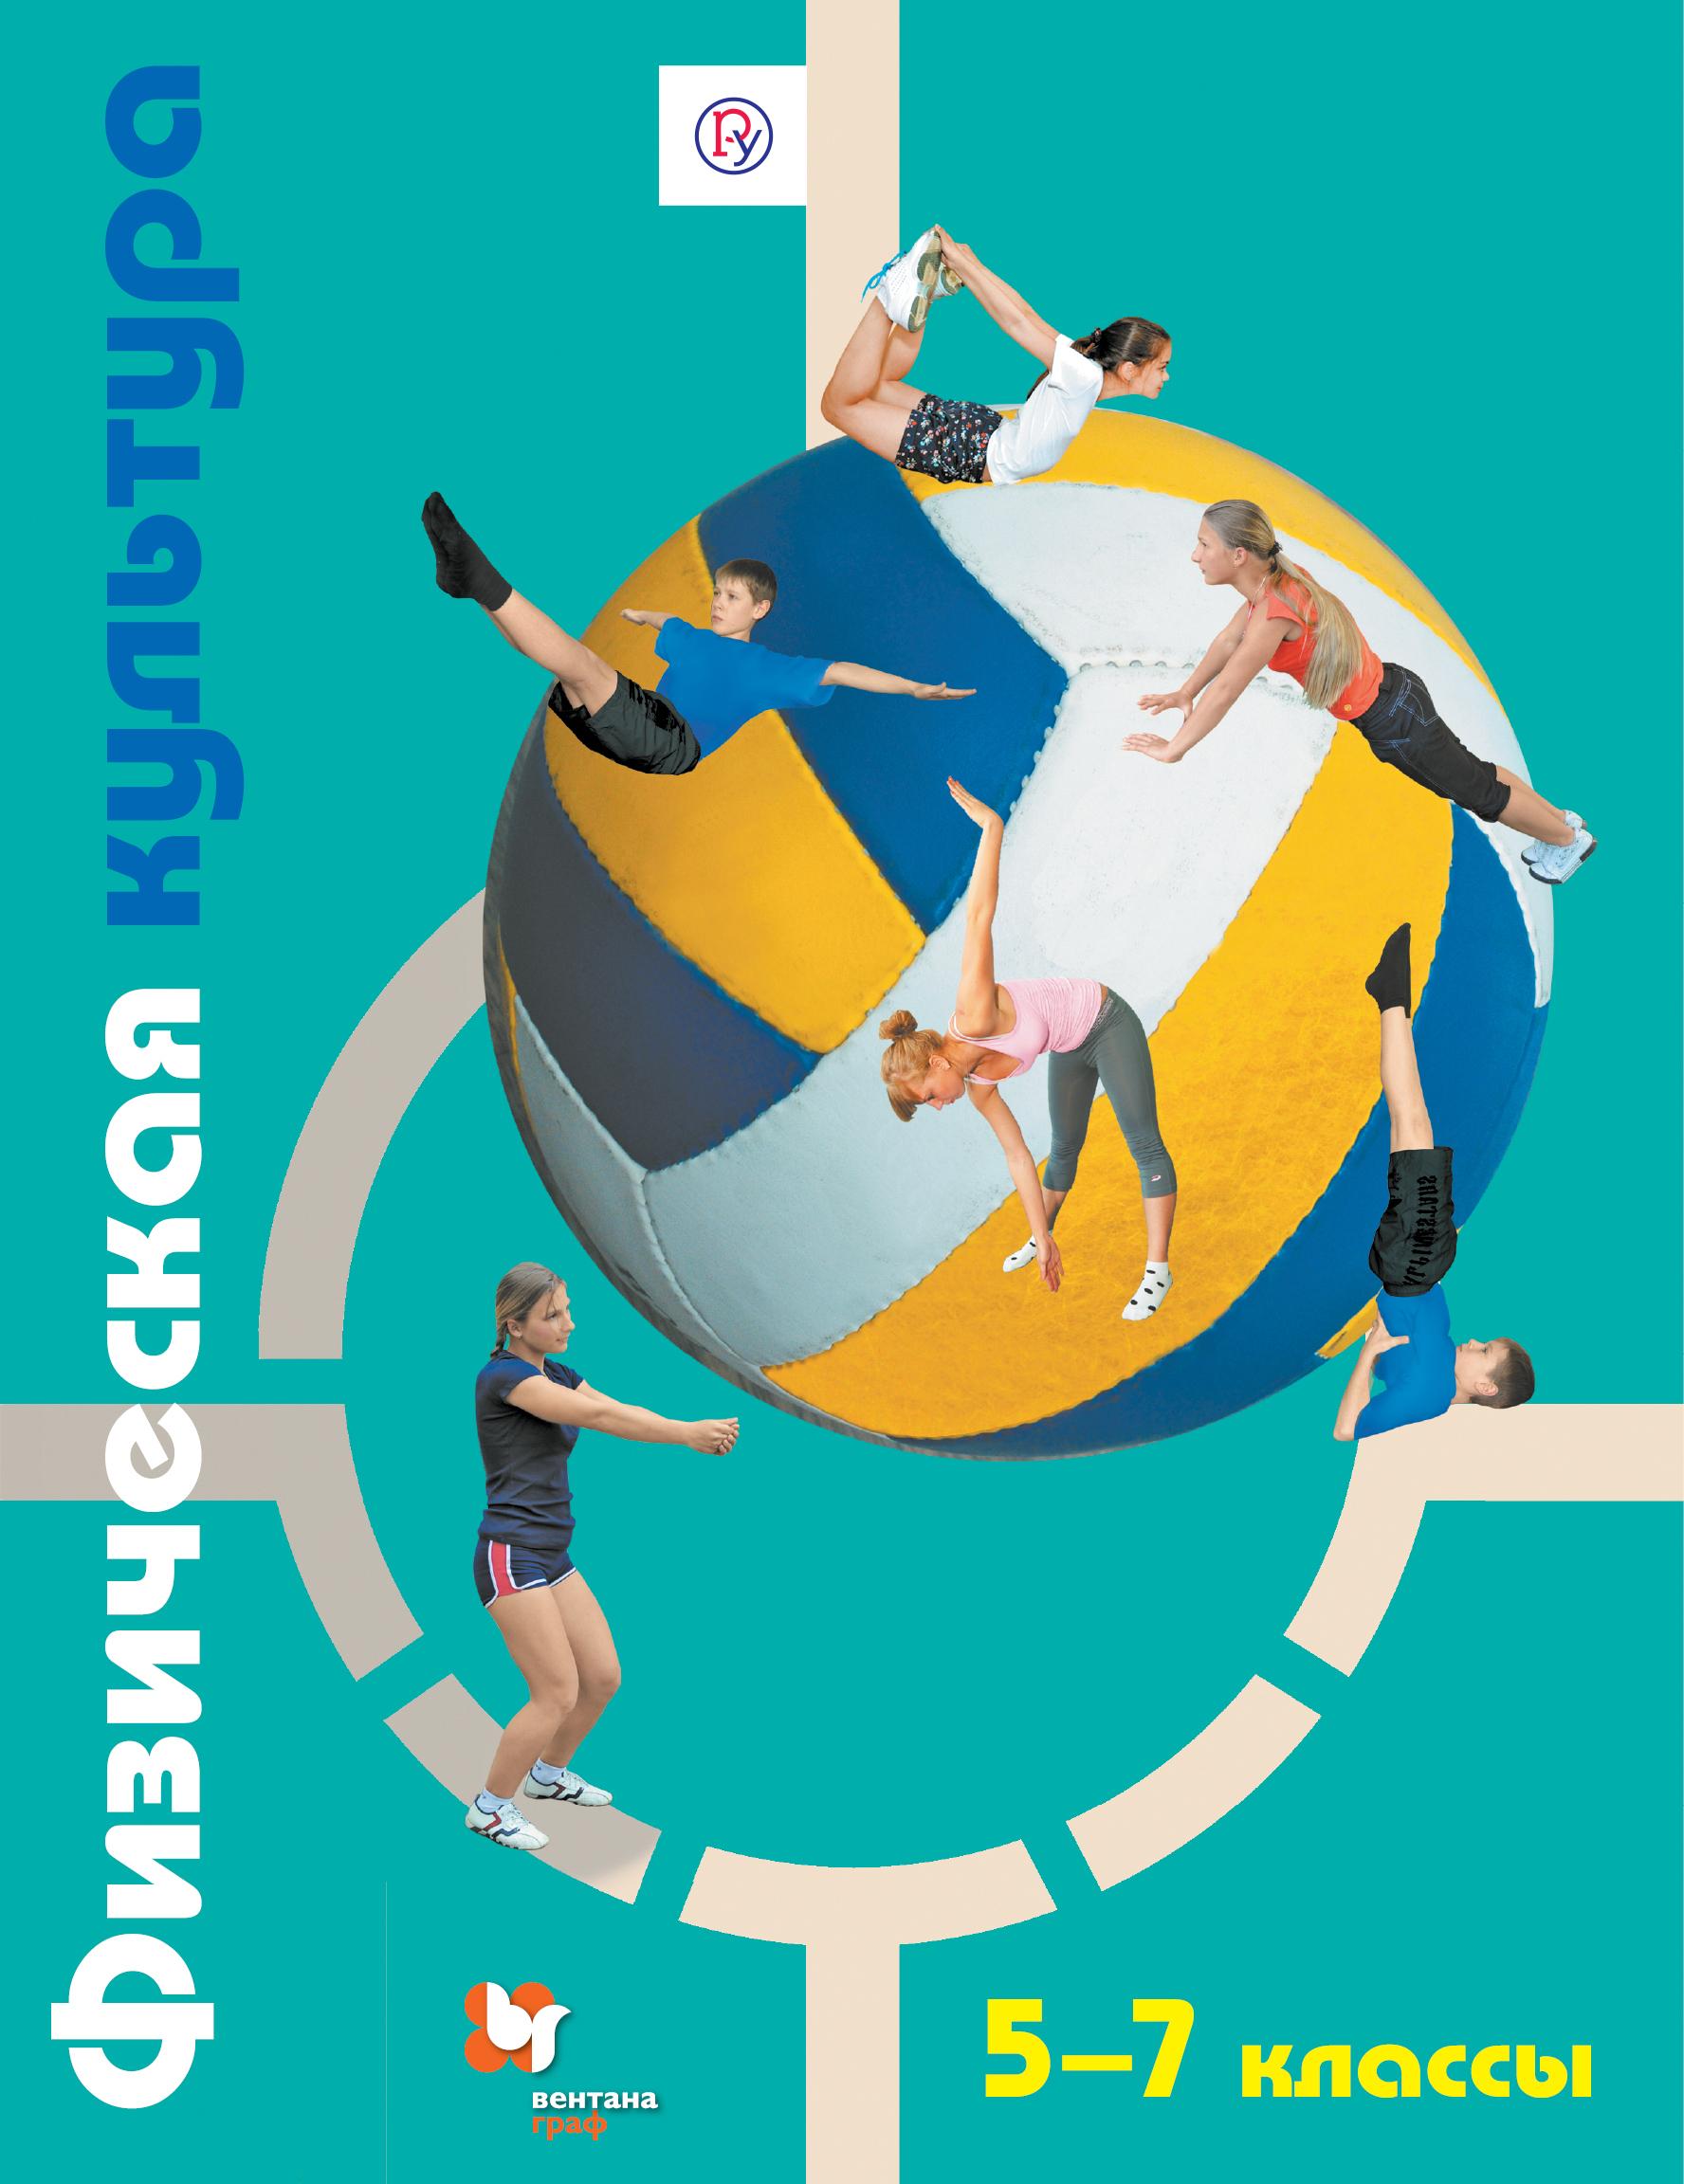 Физическая культура. 5-7кл. Учебник. Изд.2 ( Петрова Т.В., Копылов Ю.А., Полянская Н.В.  )